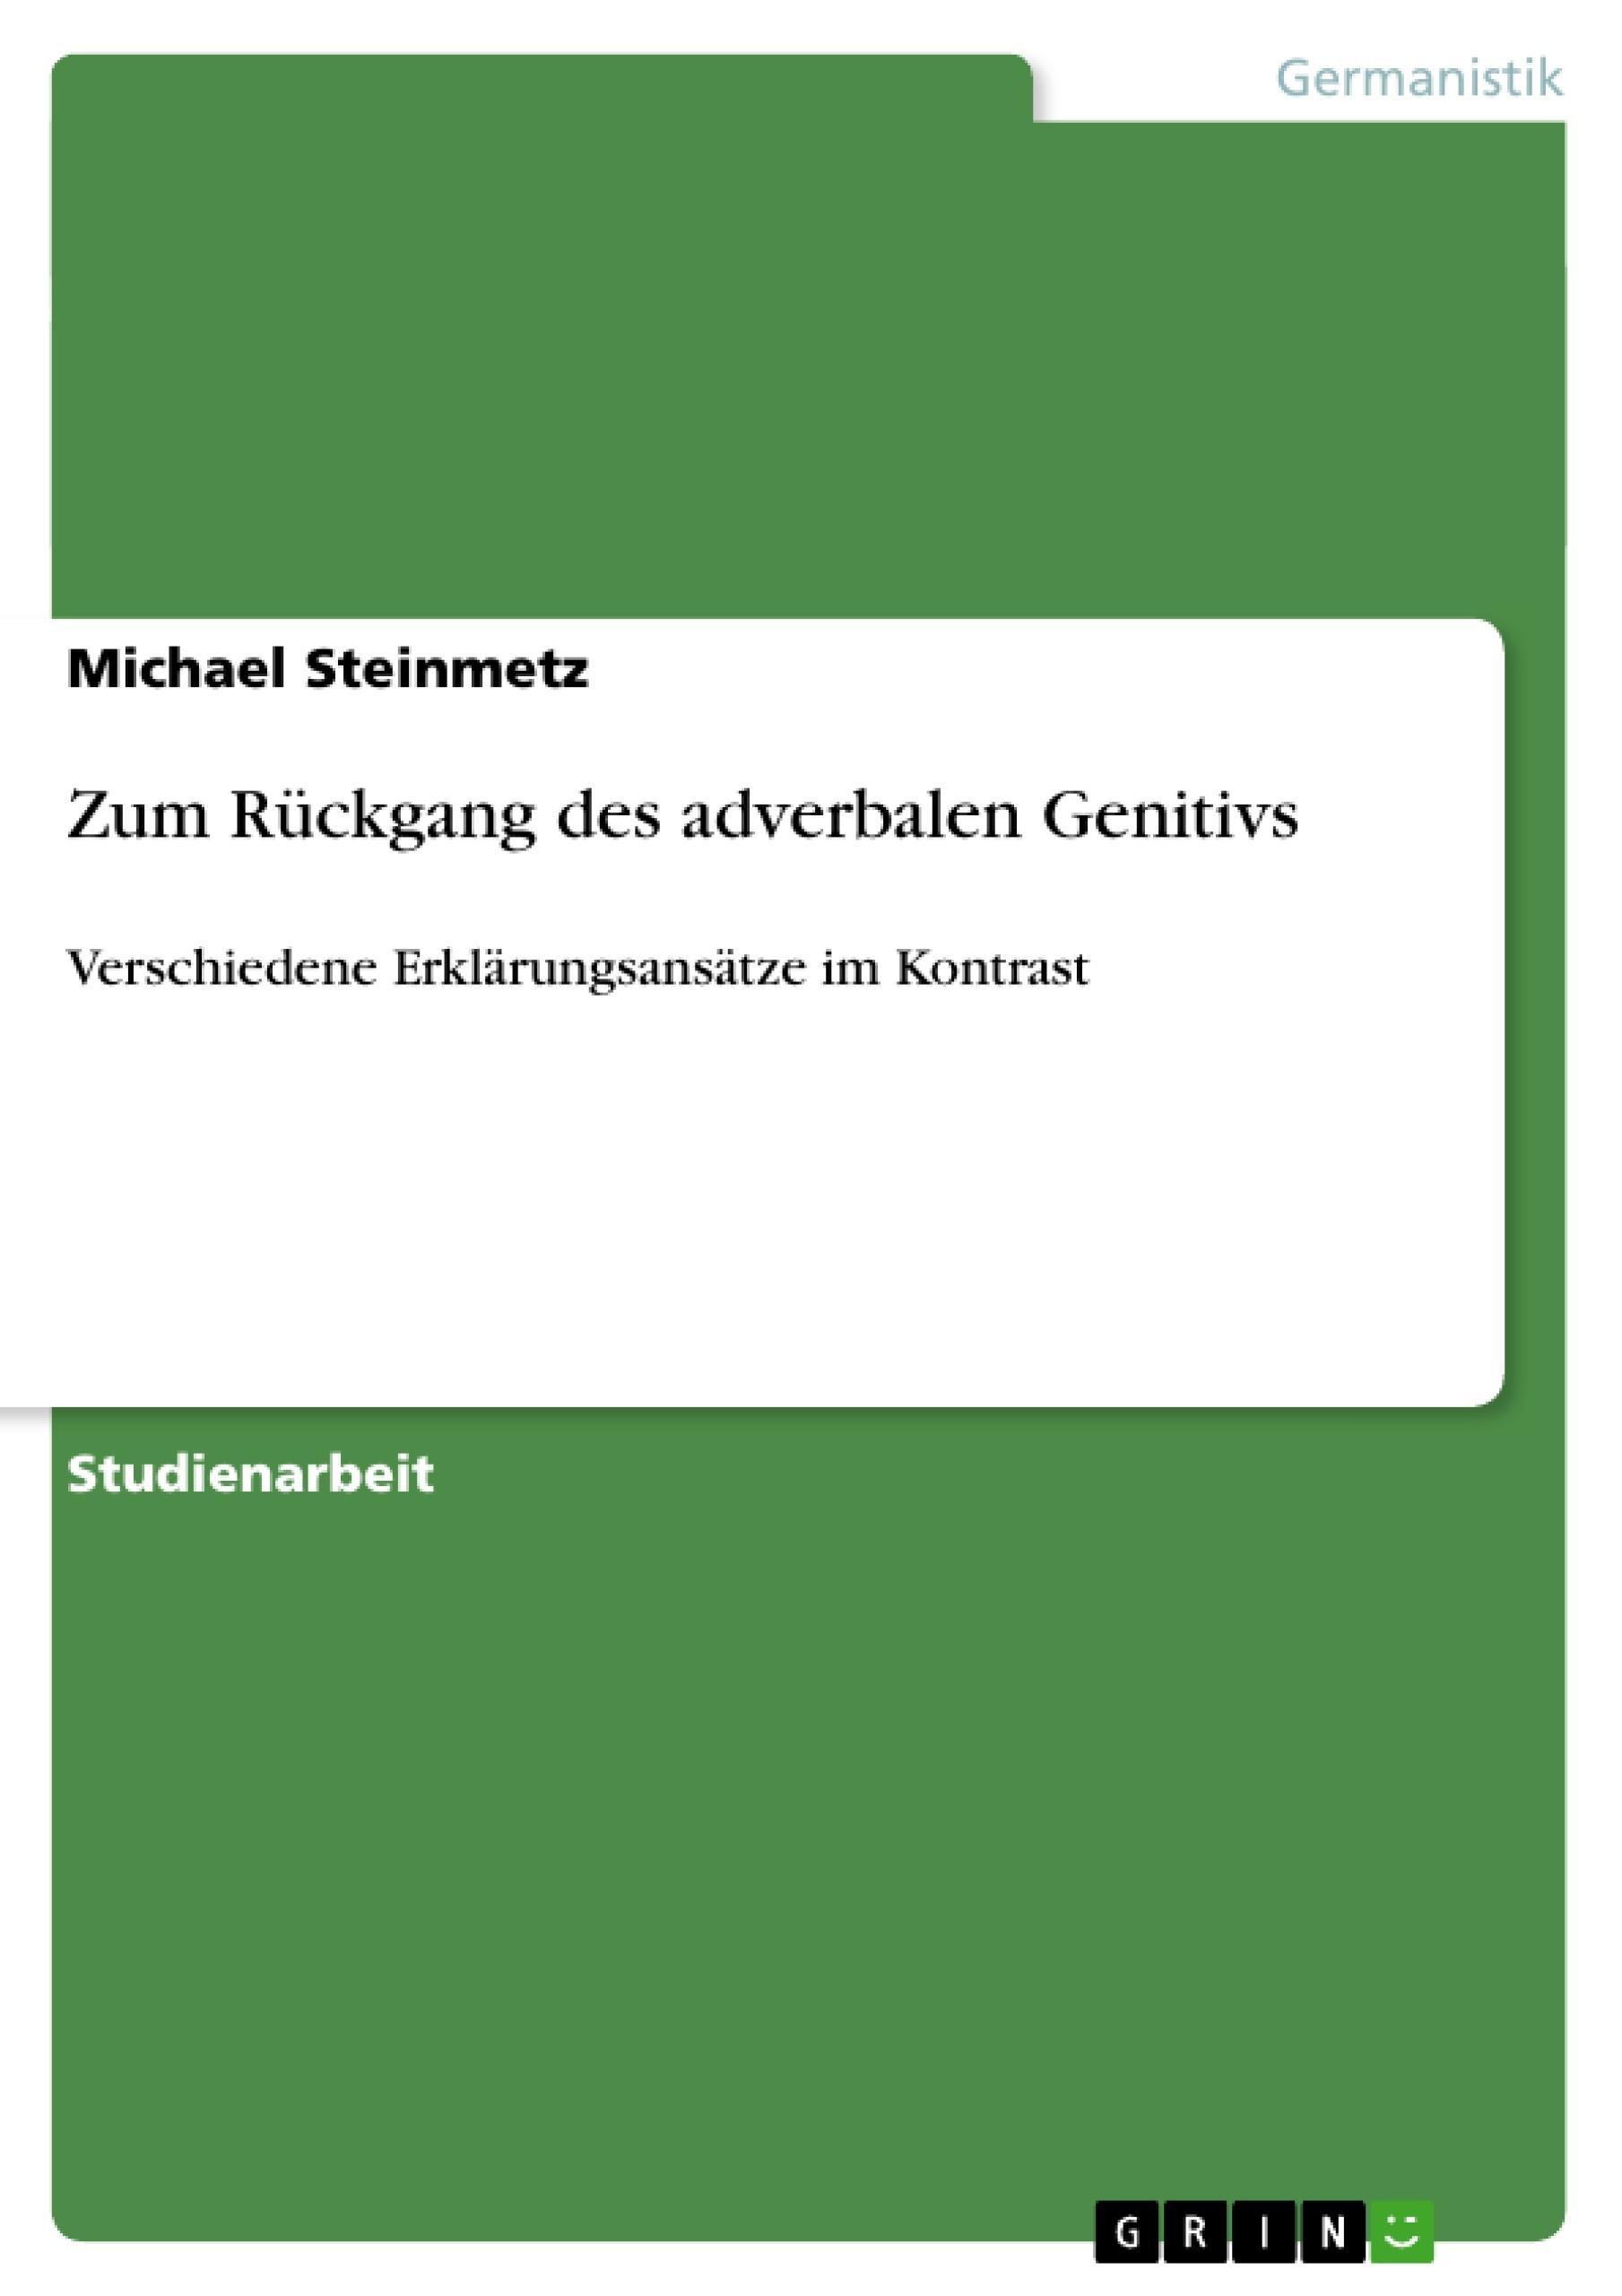 Titel: Zum Rückgang des adverbalen Genitivs